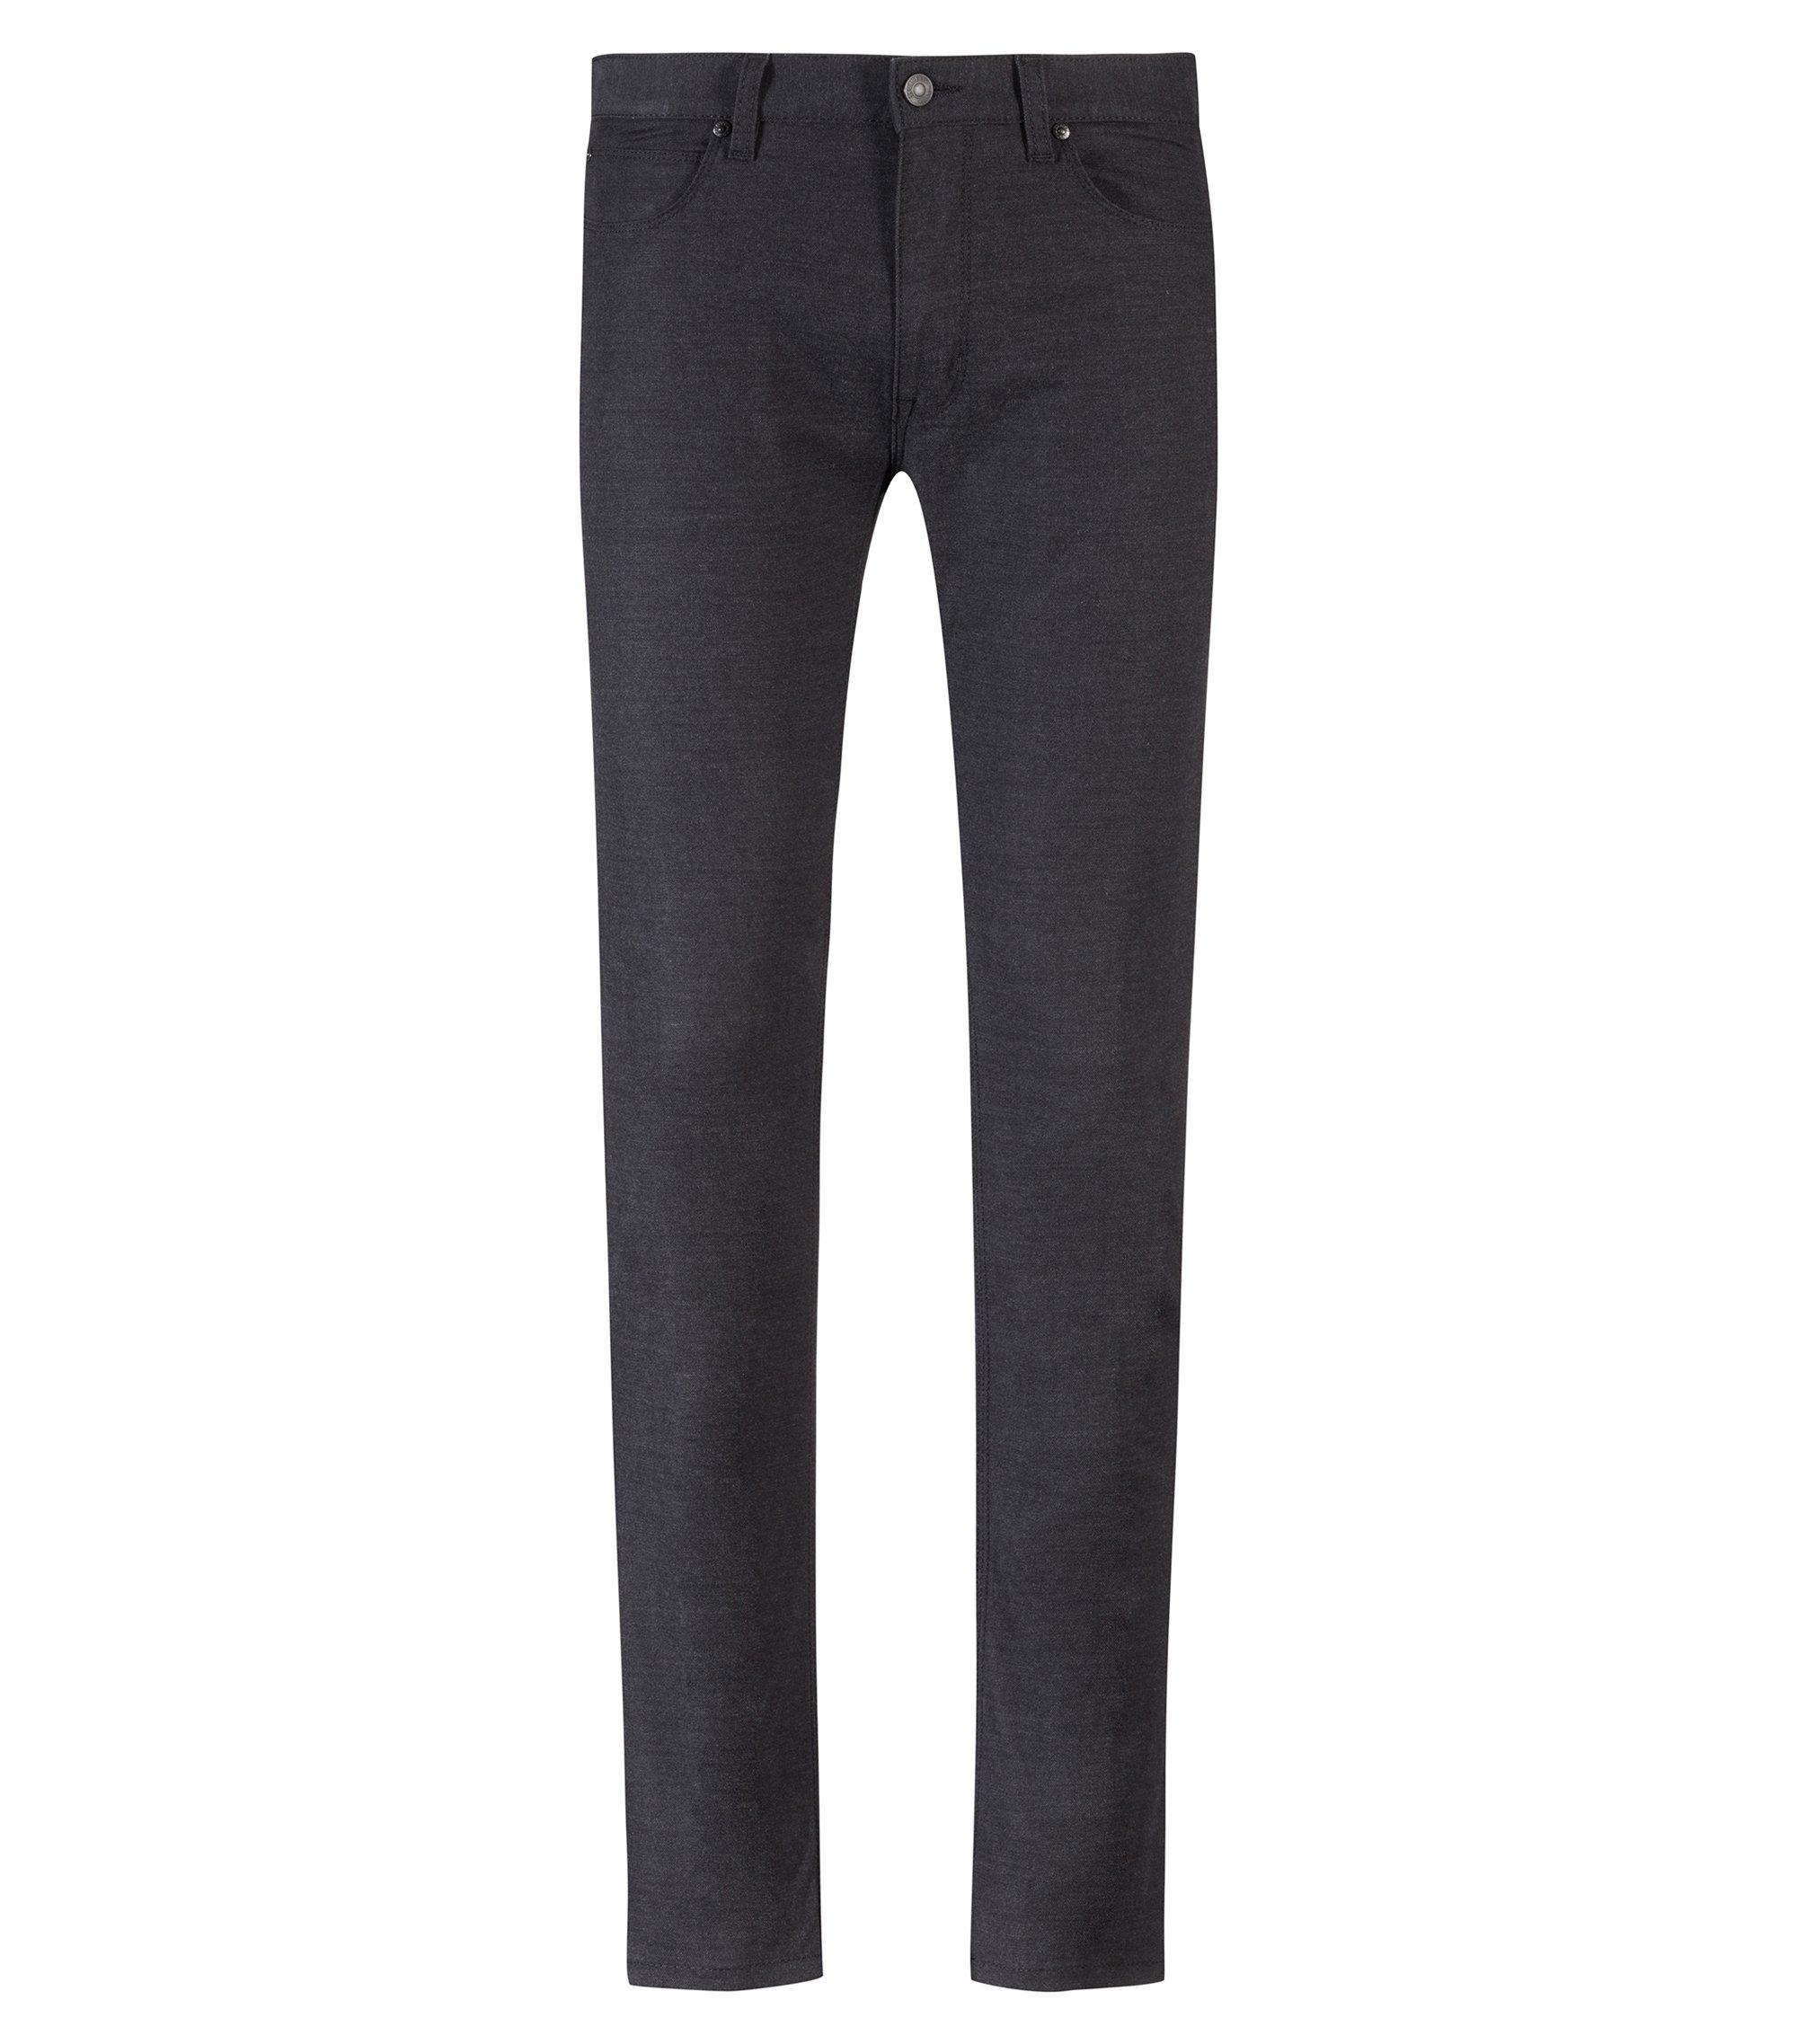 Skinny-fit jeans in black stretch denim, Black